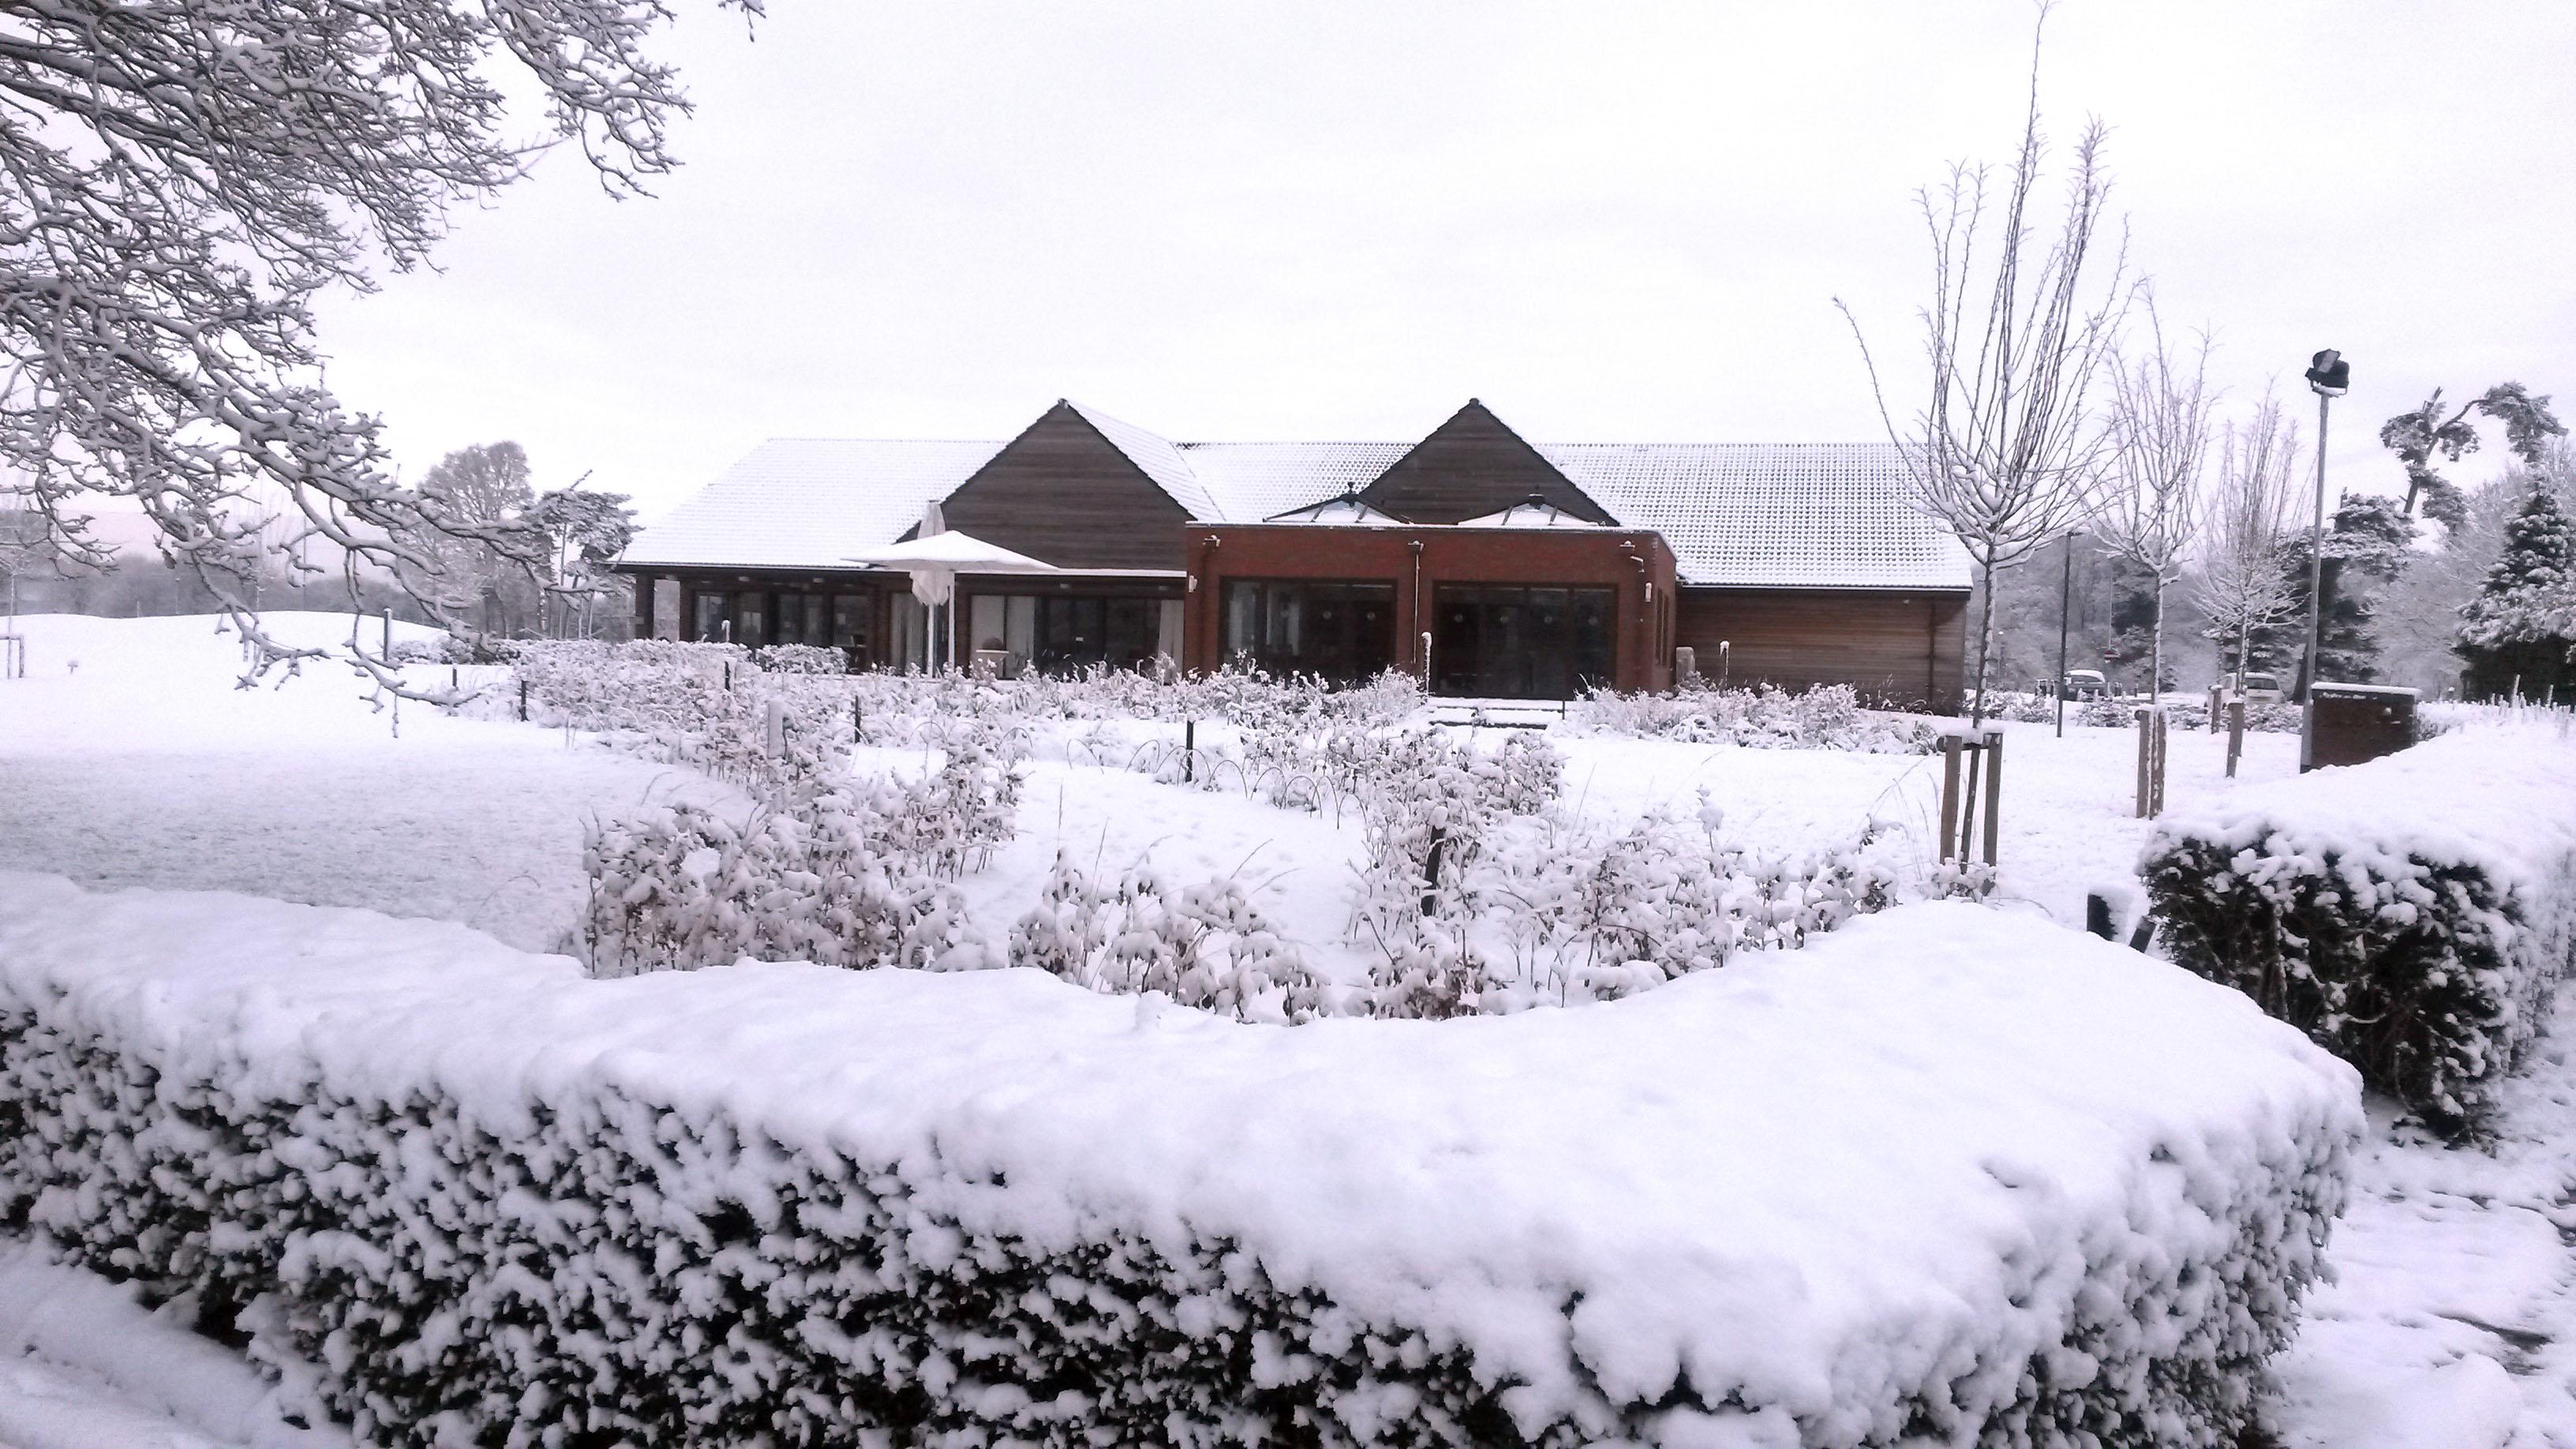 SnowAtLittleHay